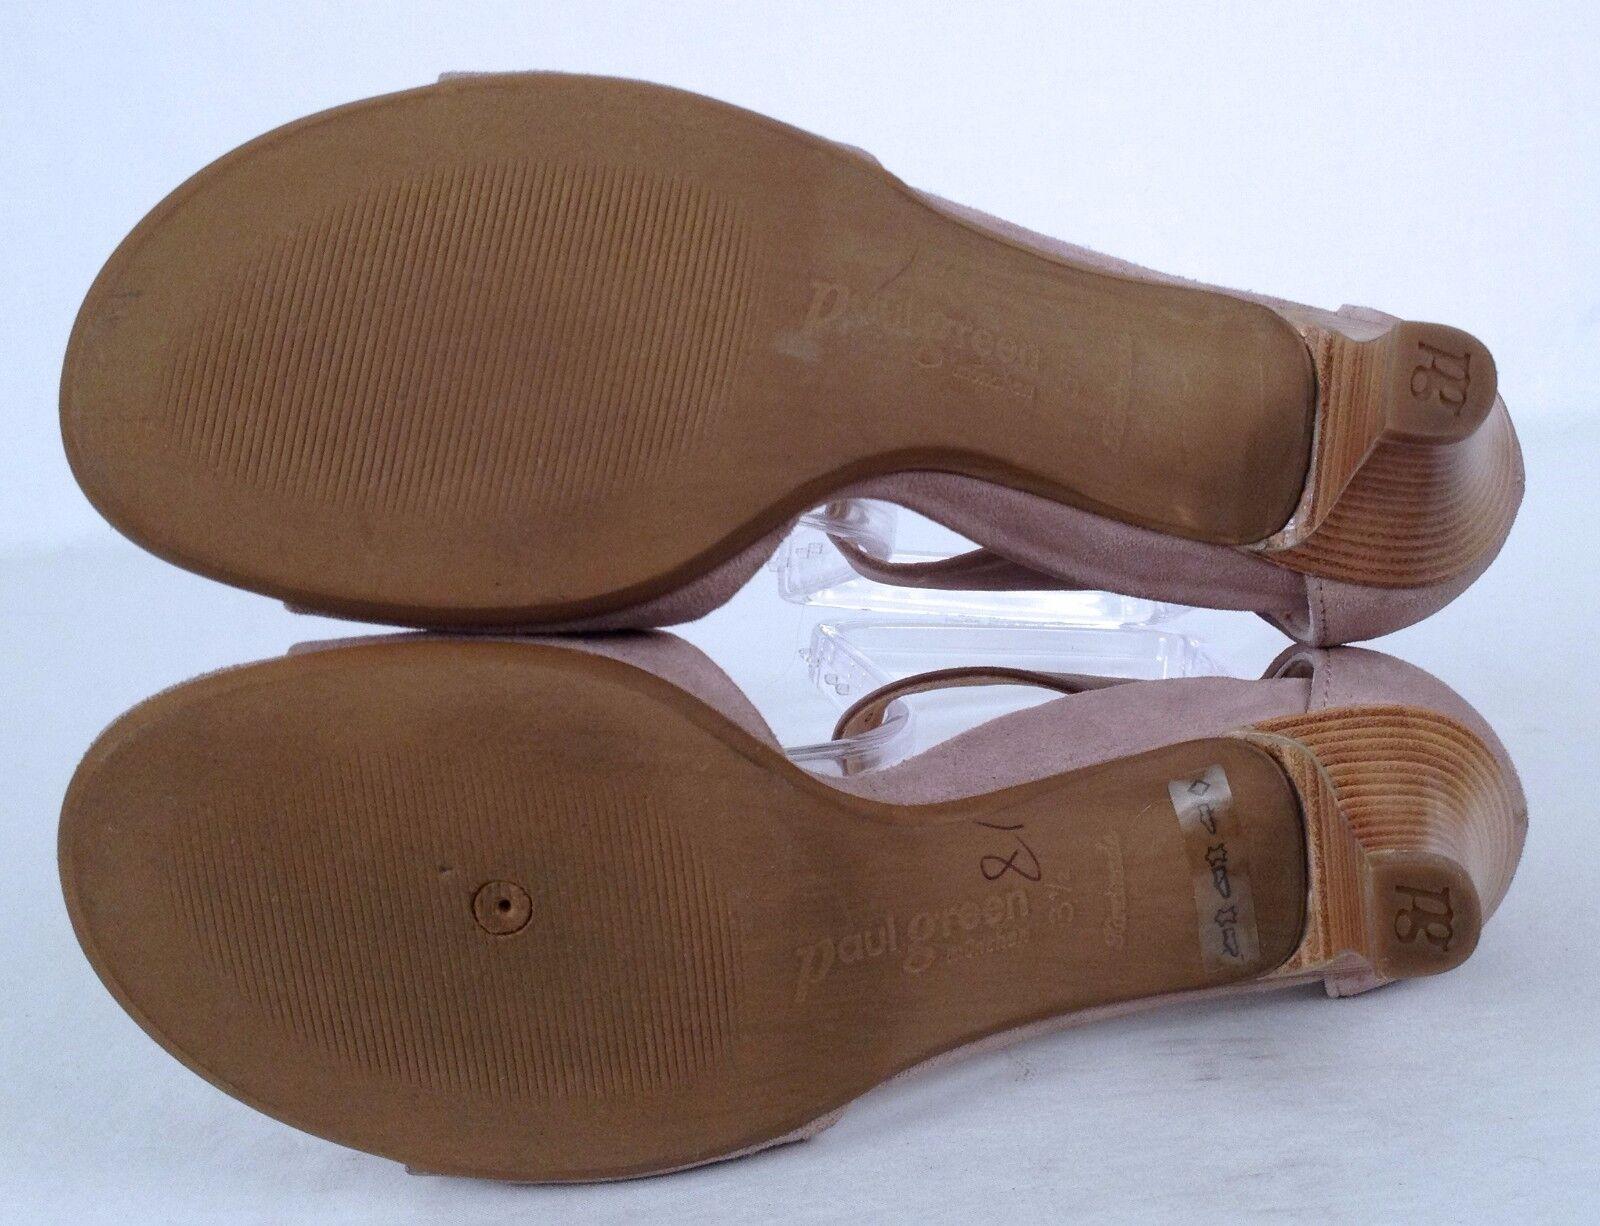 Paul Suede-Größe Green- 'Aurora' Sandale -Sand Suede-Größe Paul US 6/ Aus 3.5  (03) ae05bd